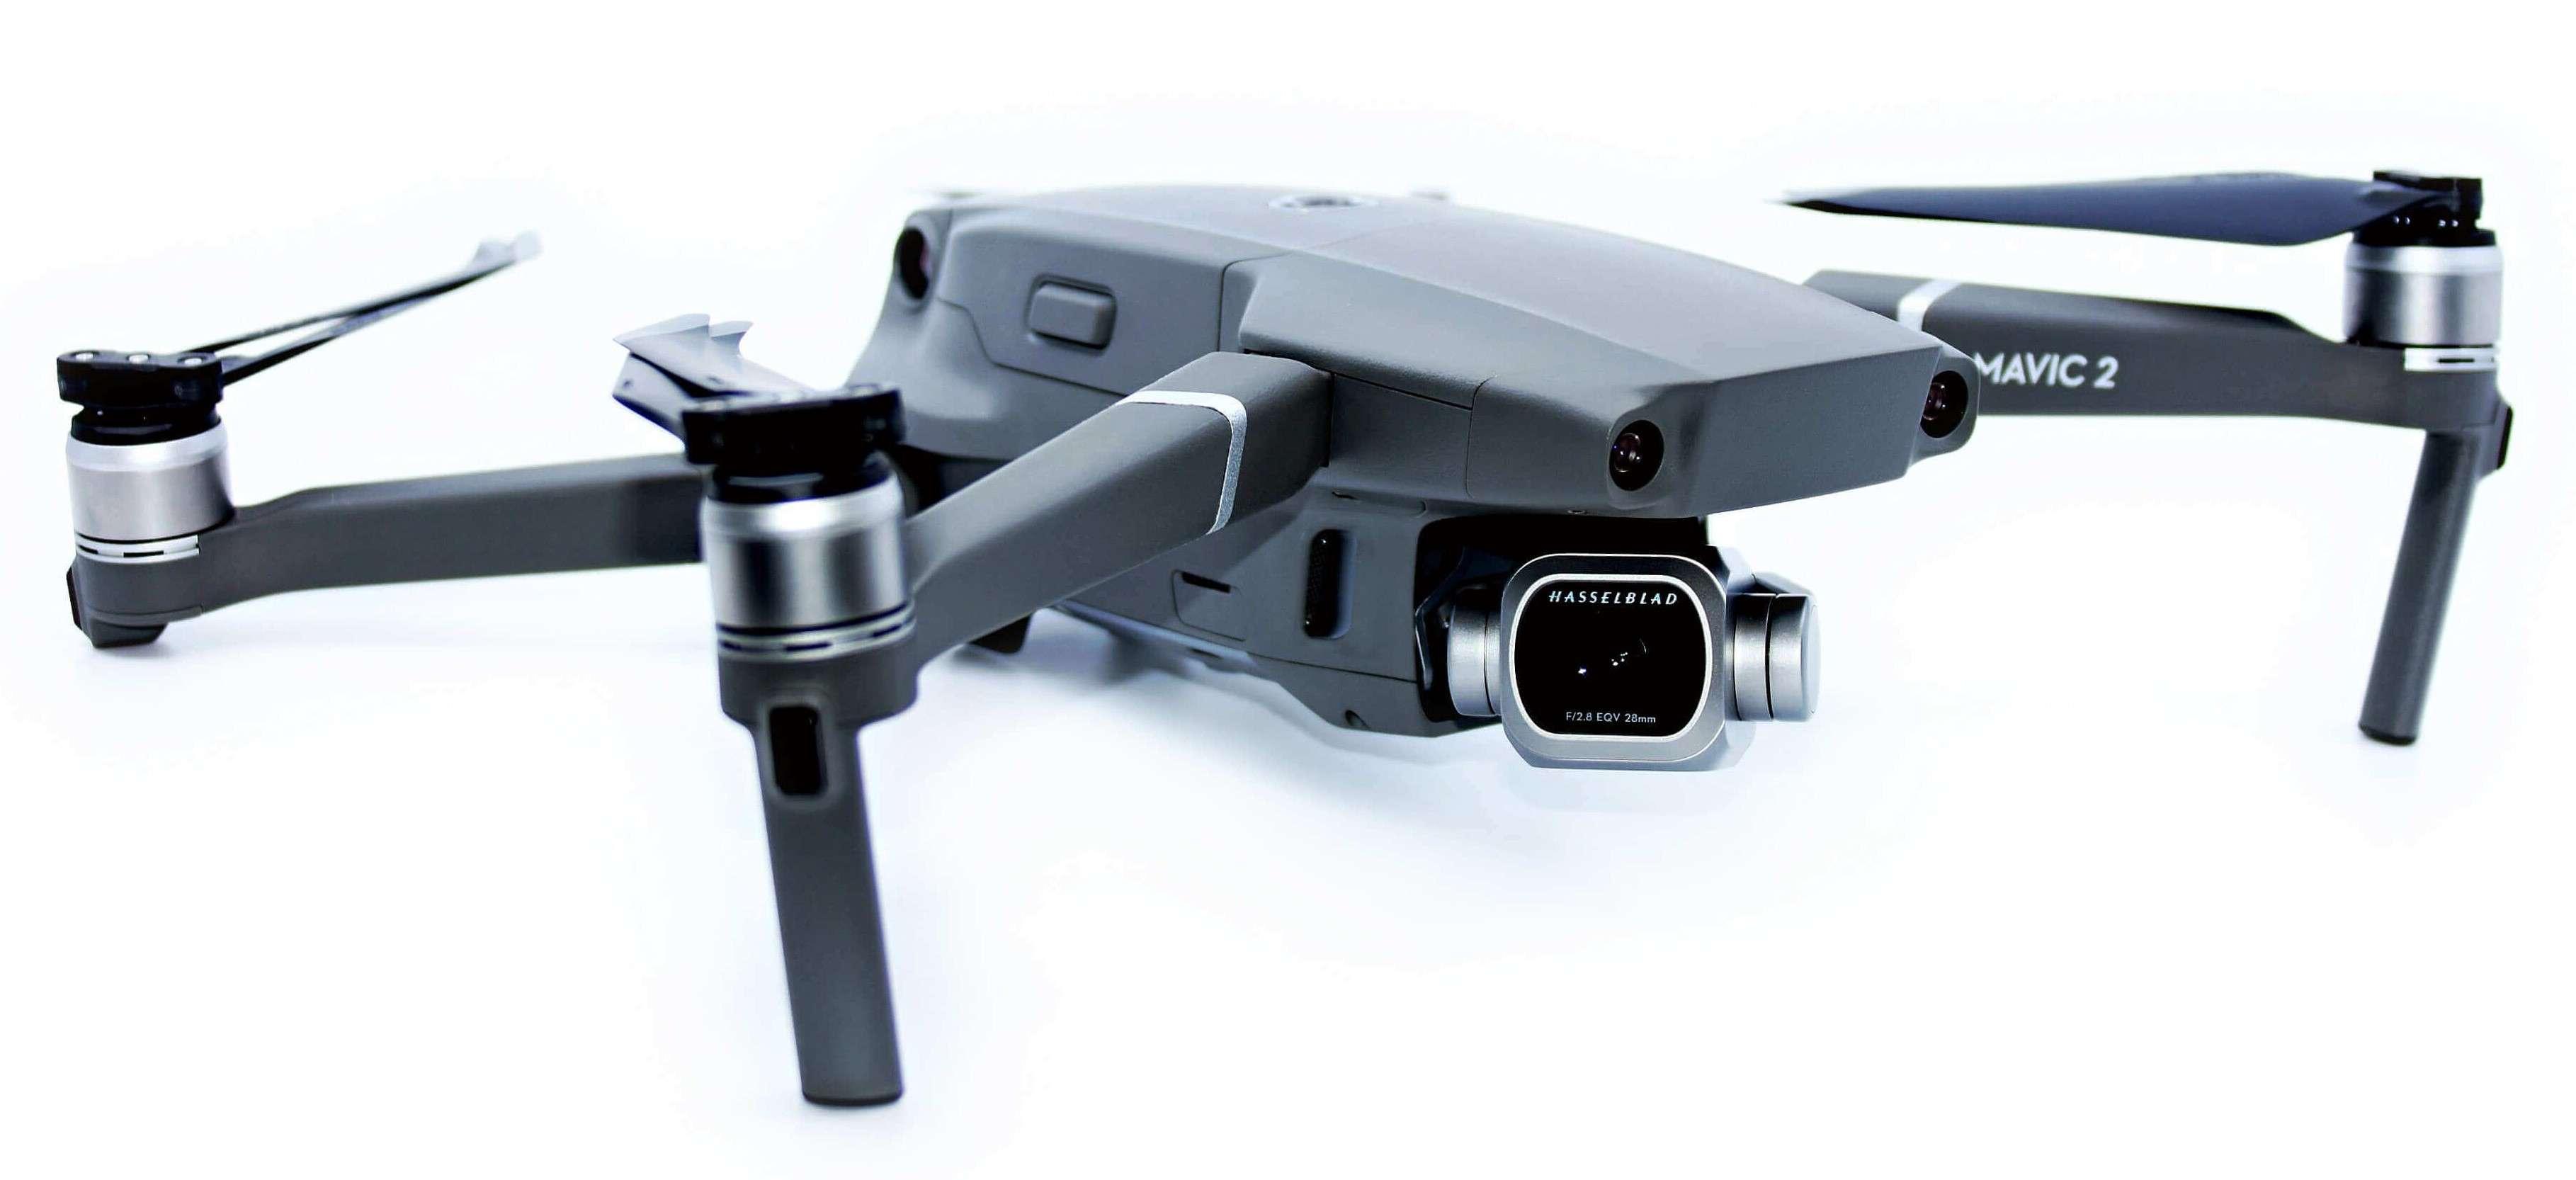 DJI MAVIC 2 PRO | DJI Mavic Drone | DJI Mavic 2 Pro price in India